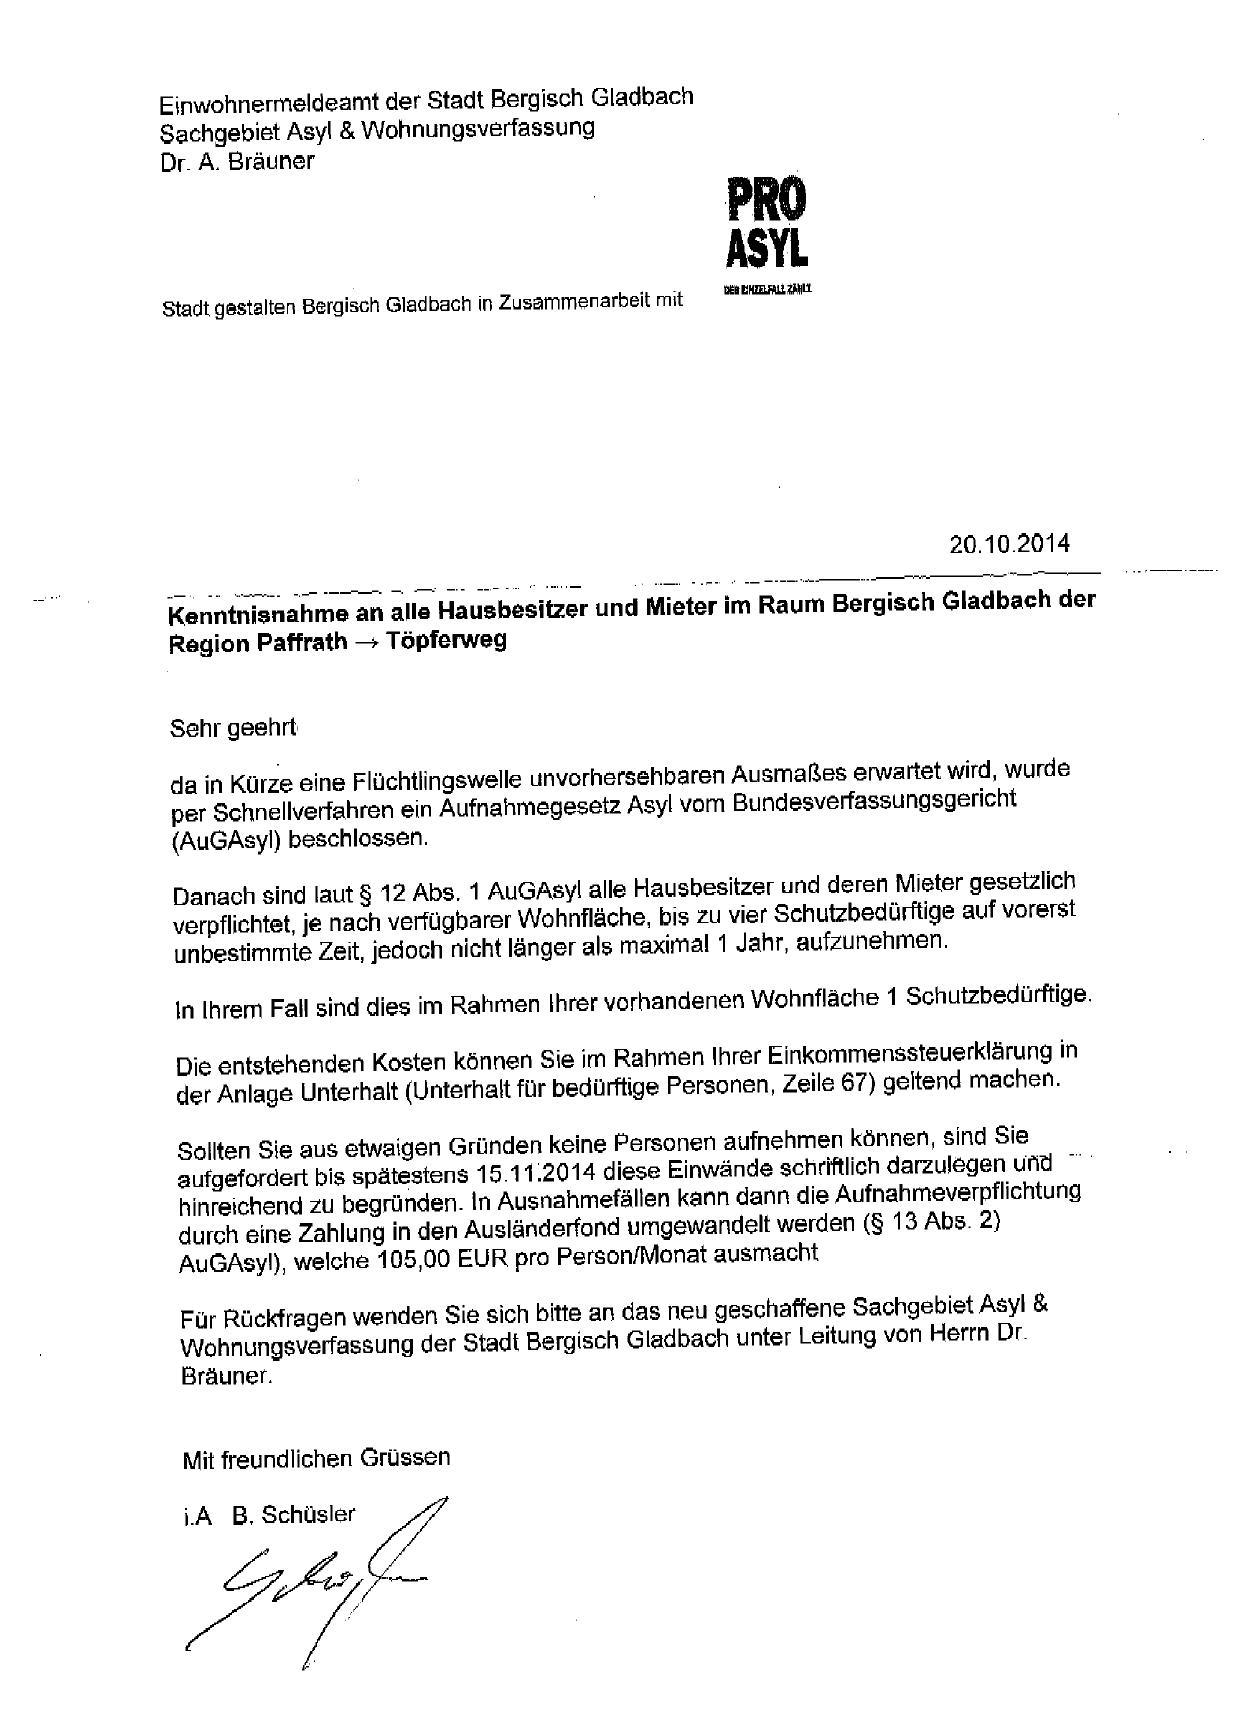 Gefälschter Brief Macht Stimmung Gegen Flüchtlinge